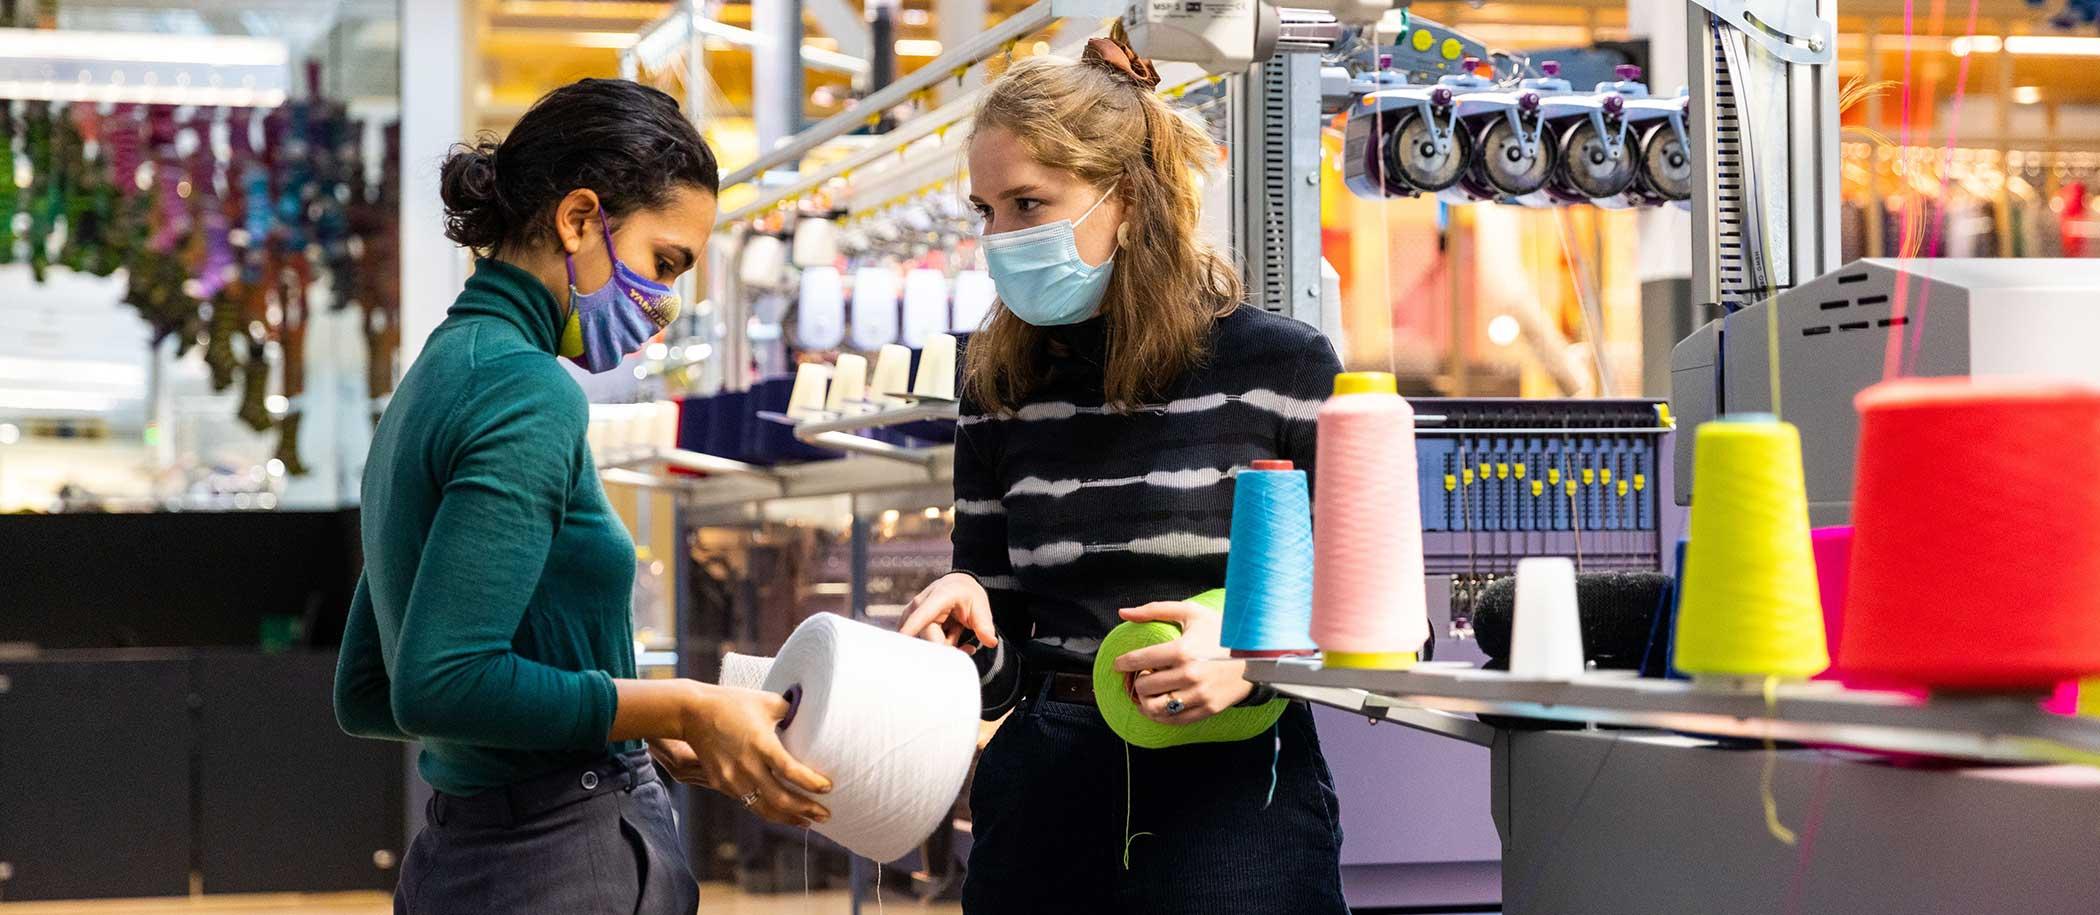 studenten met mondkapjes en garen in handen